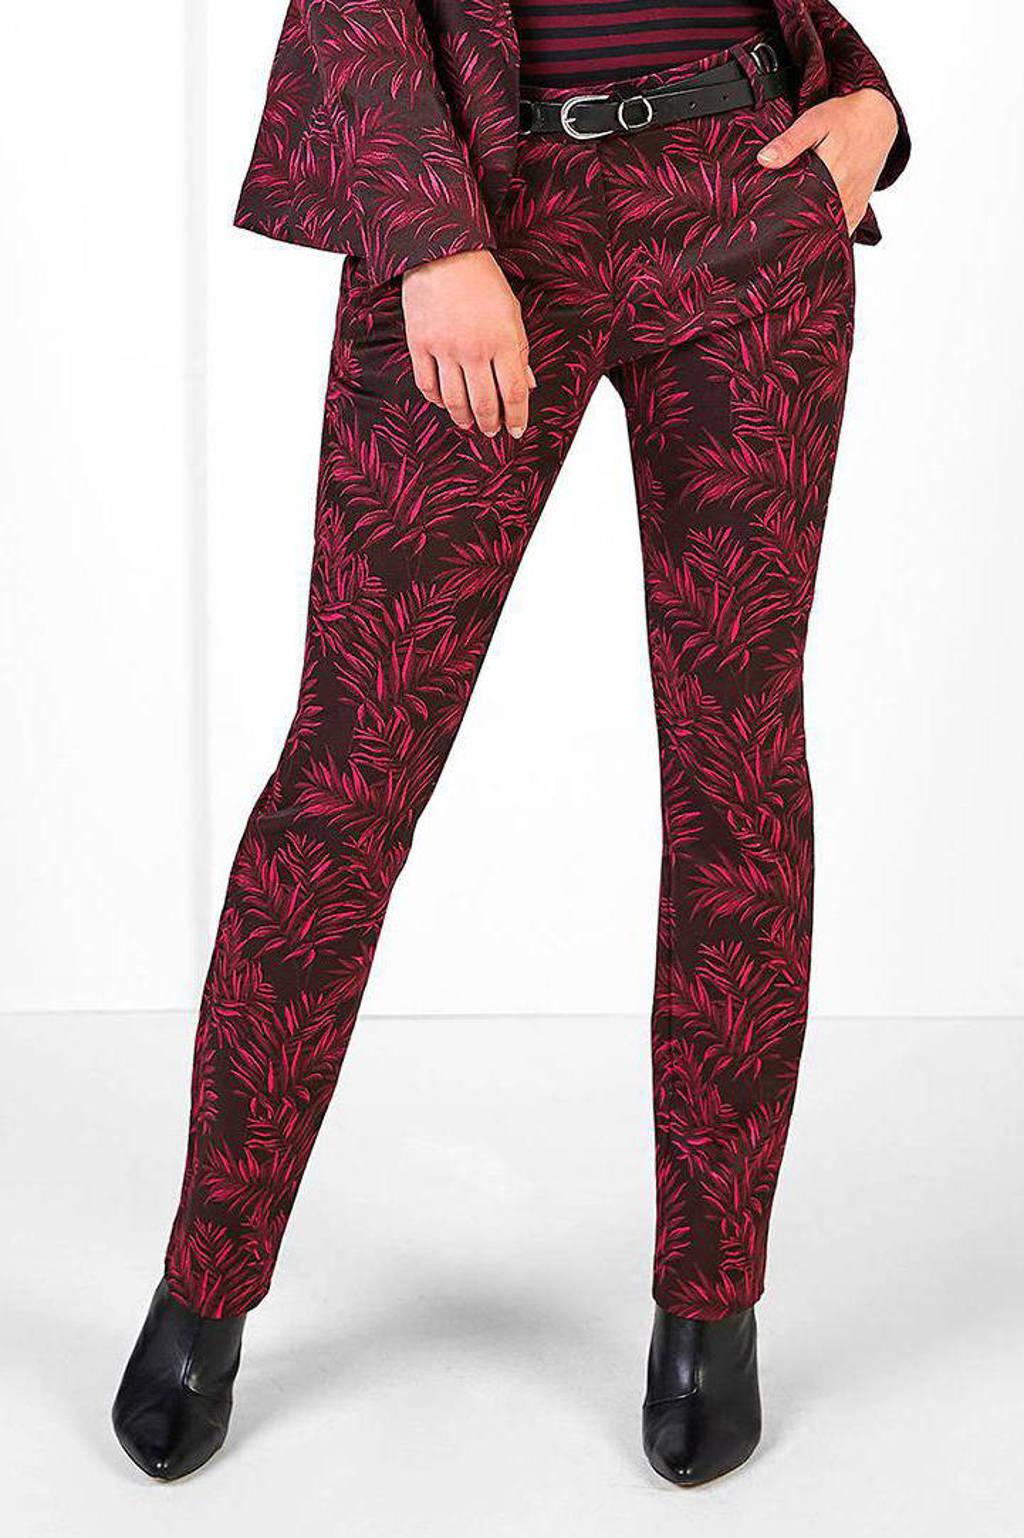 Expresso flared pantalon met bladprint bordeaux/roze, Bordeaux/roze